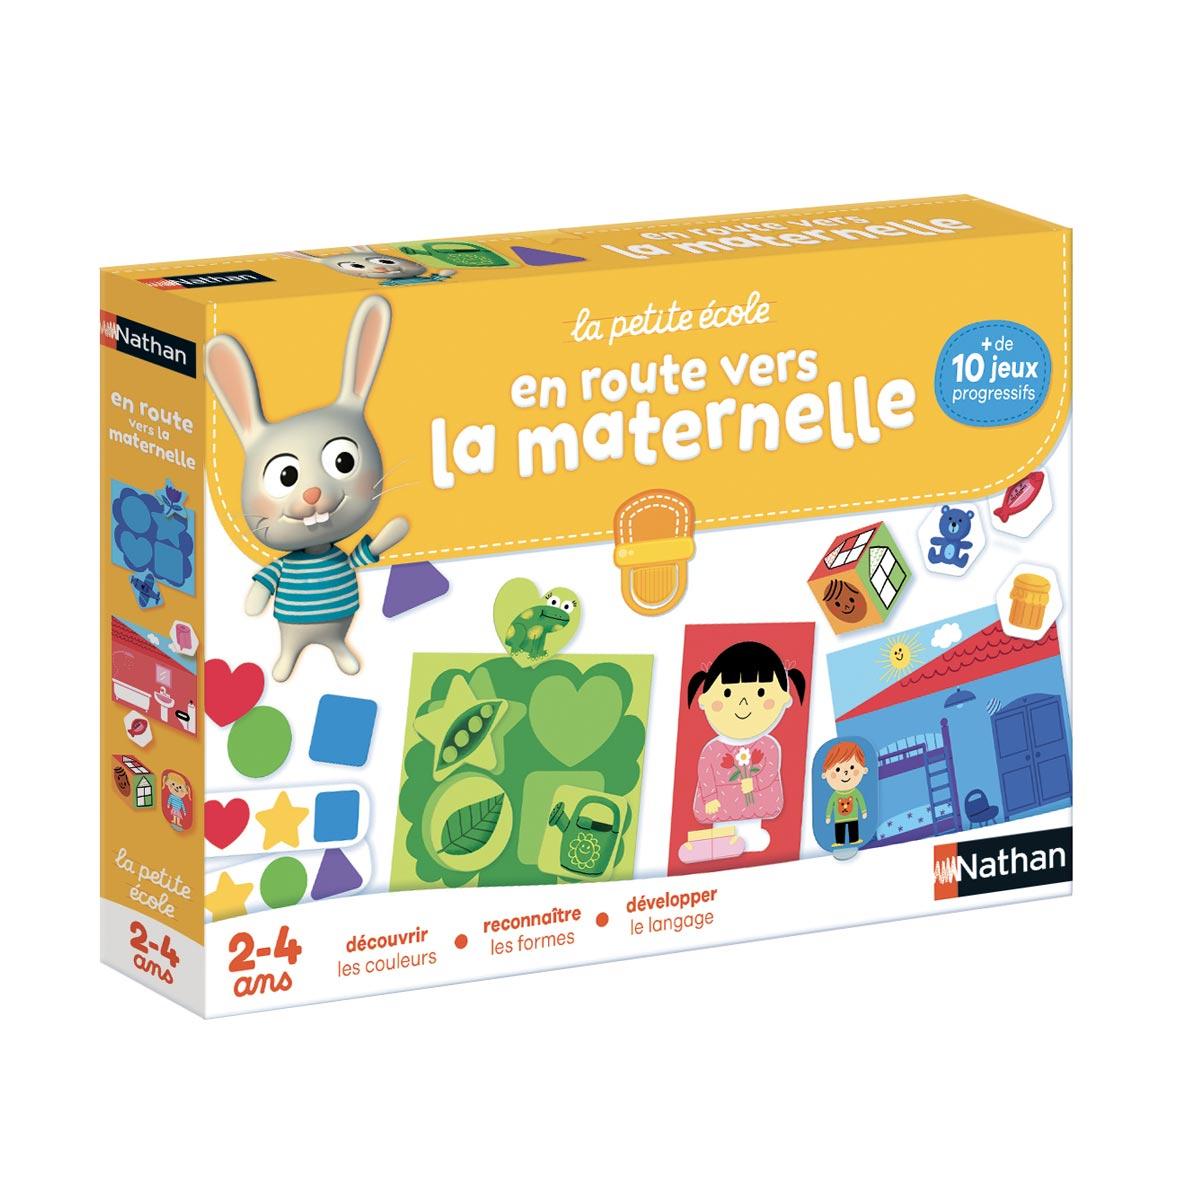 Coffret De Jeux En Route Vers La Maternelle à Activité Ludique Maternelle